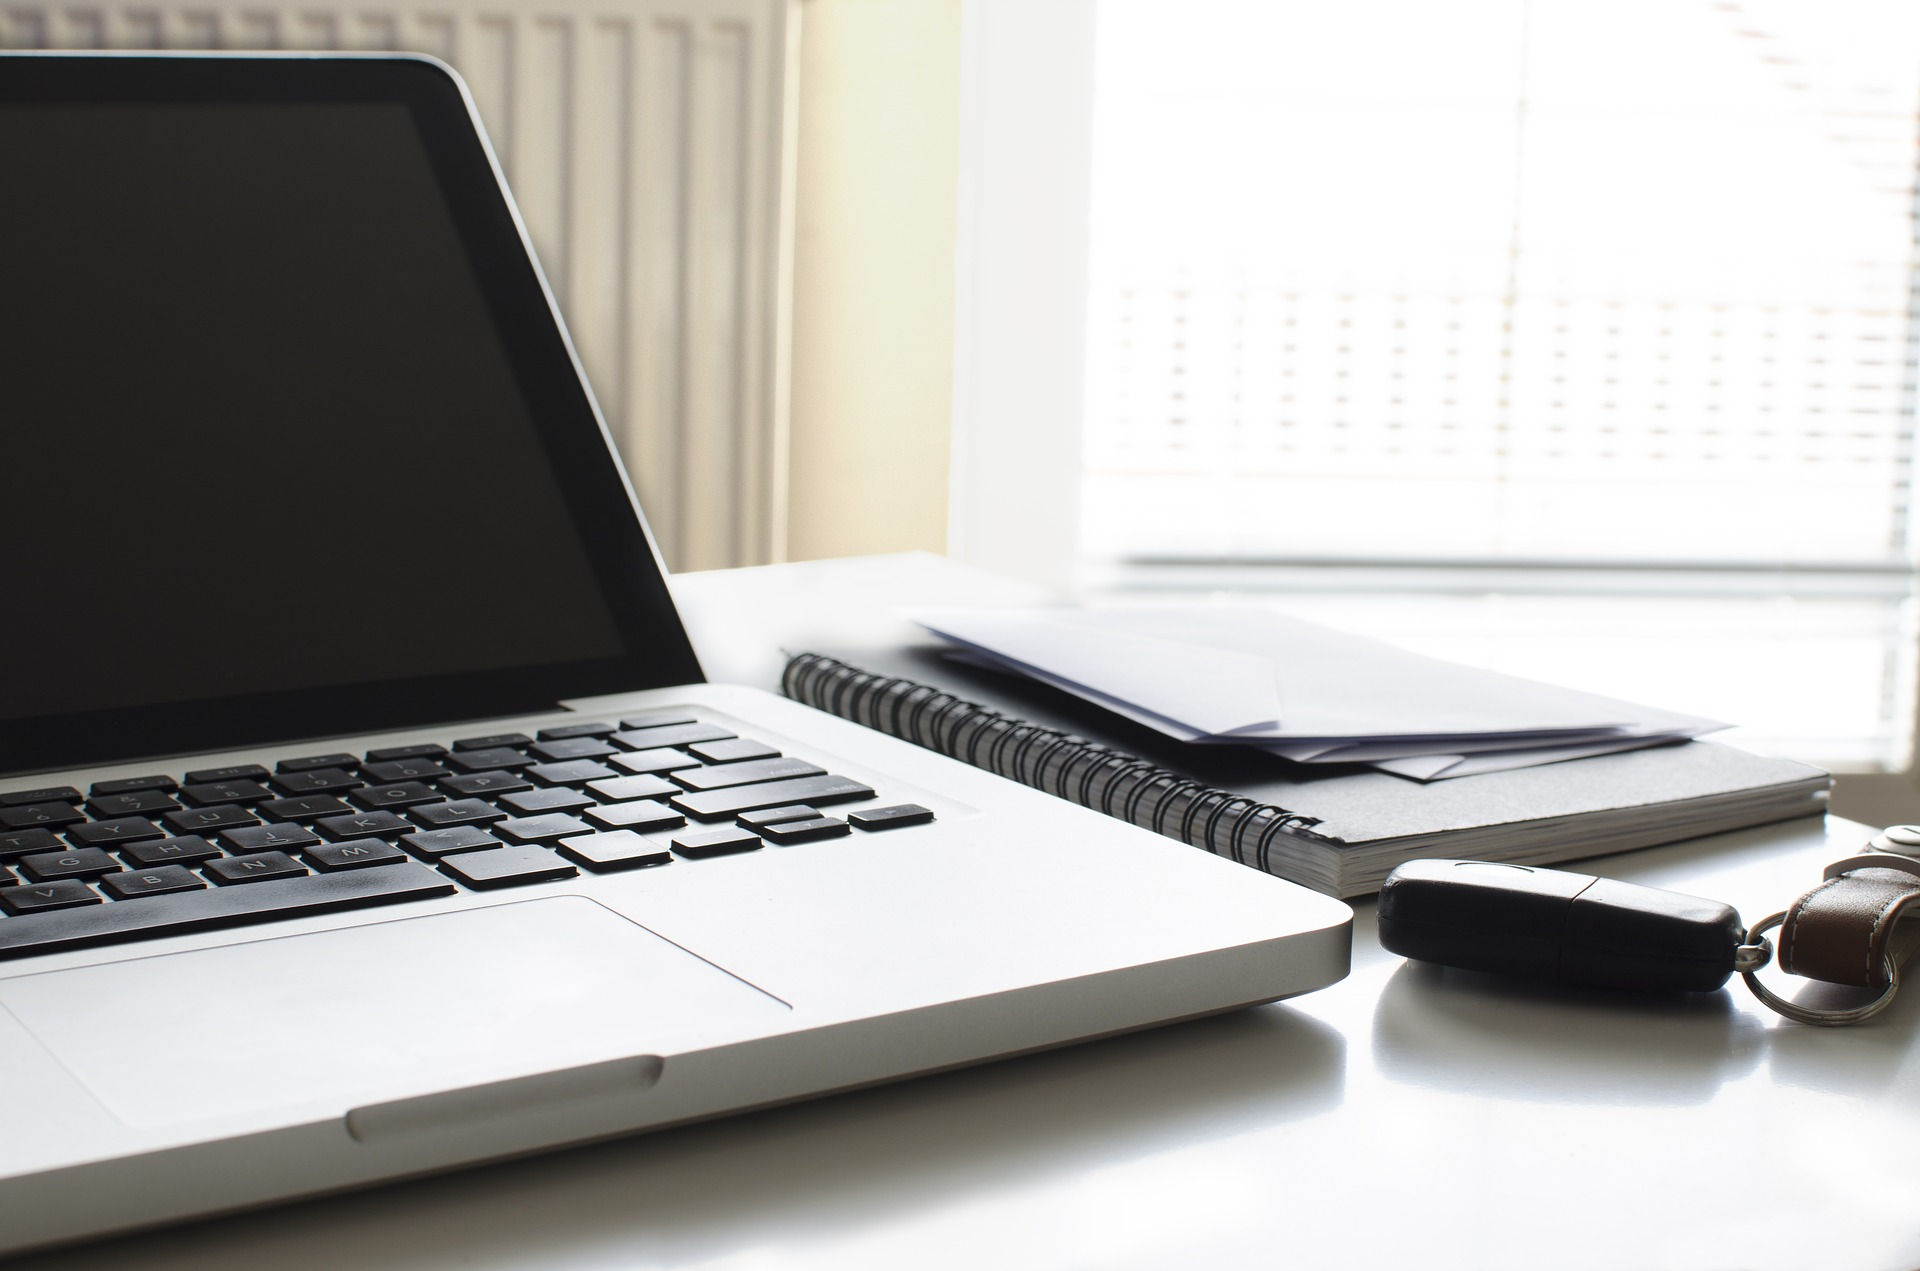 strādāt internetā ar ikdienas ienākumiem kā ātri nopelnīt lielu summu bez ieguldījumiem